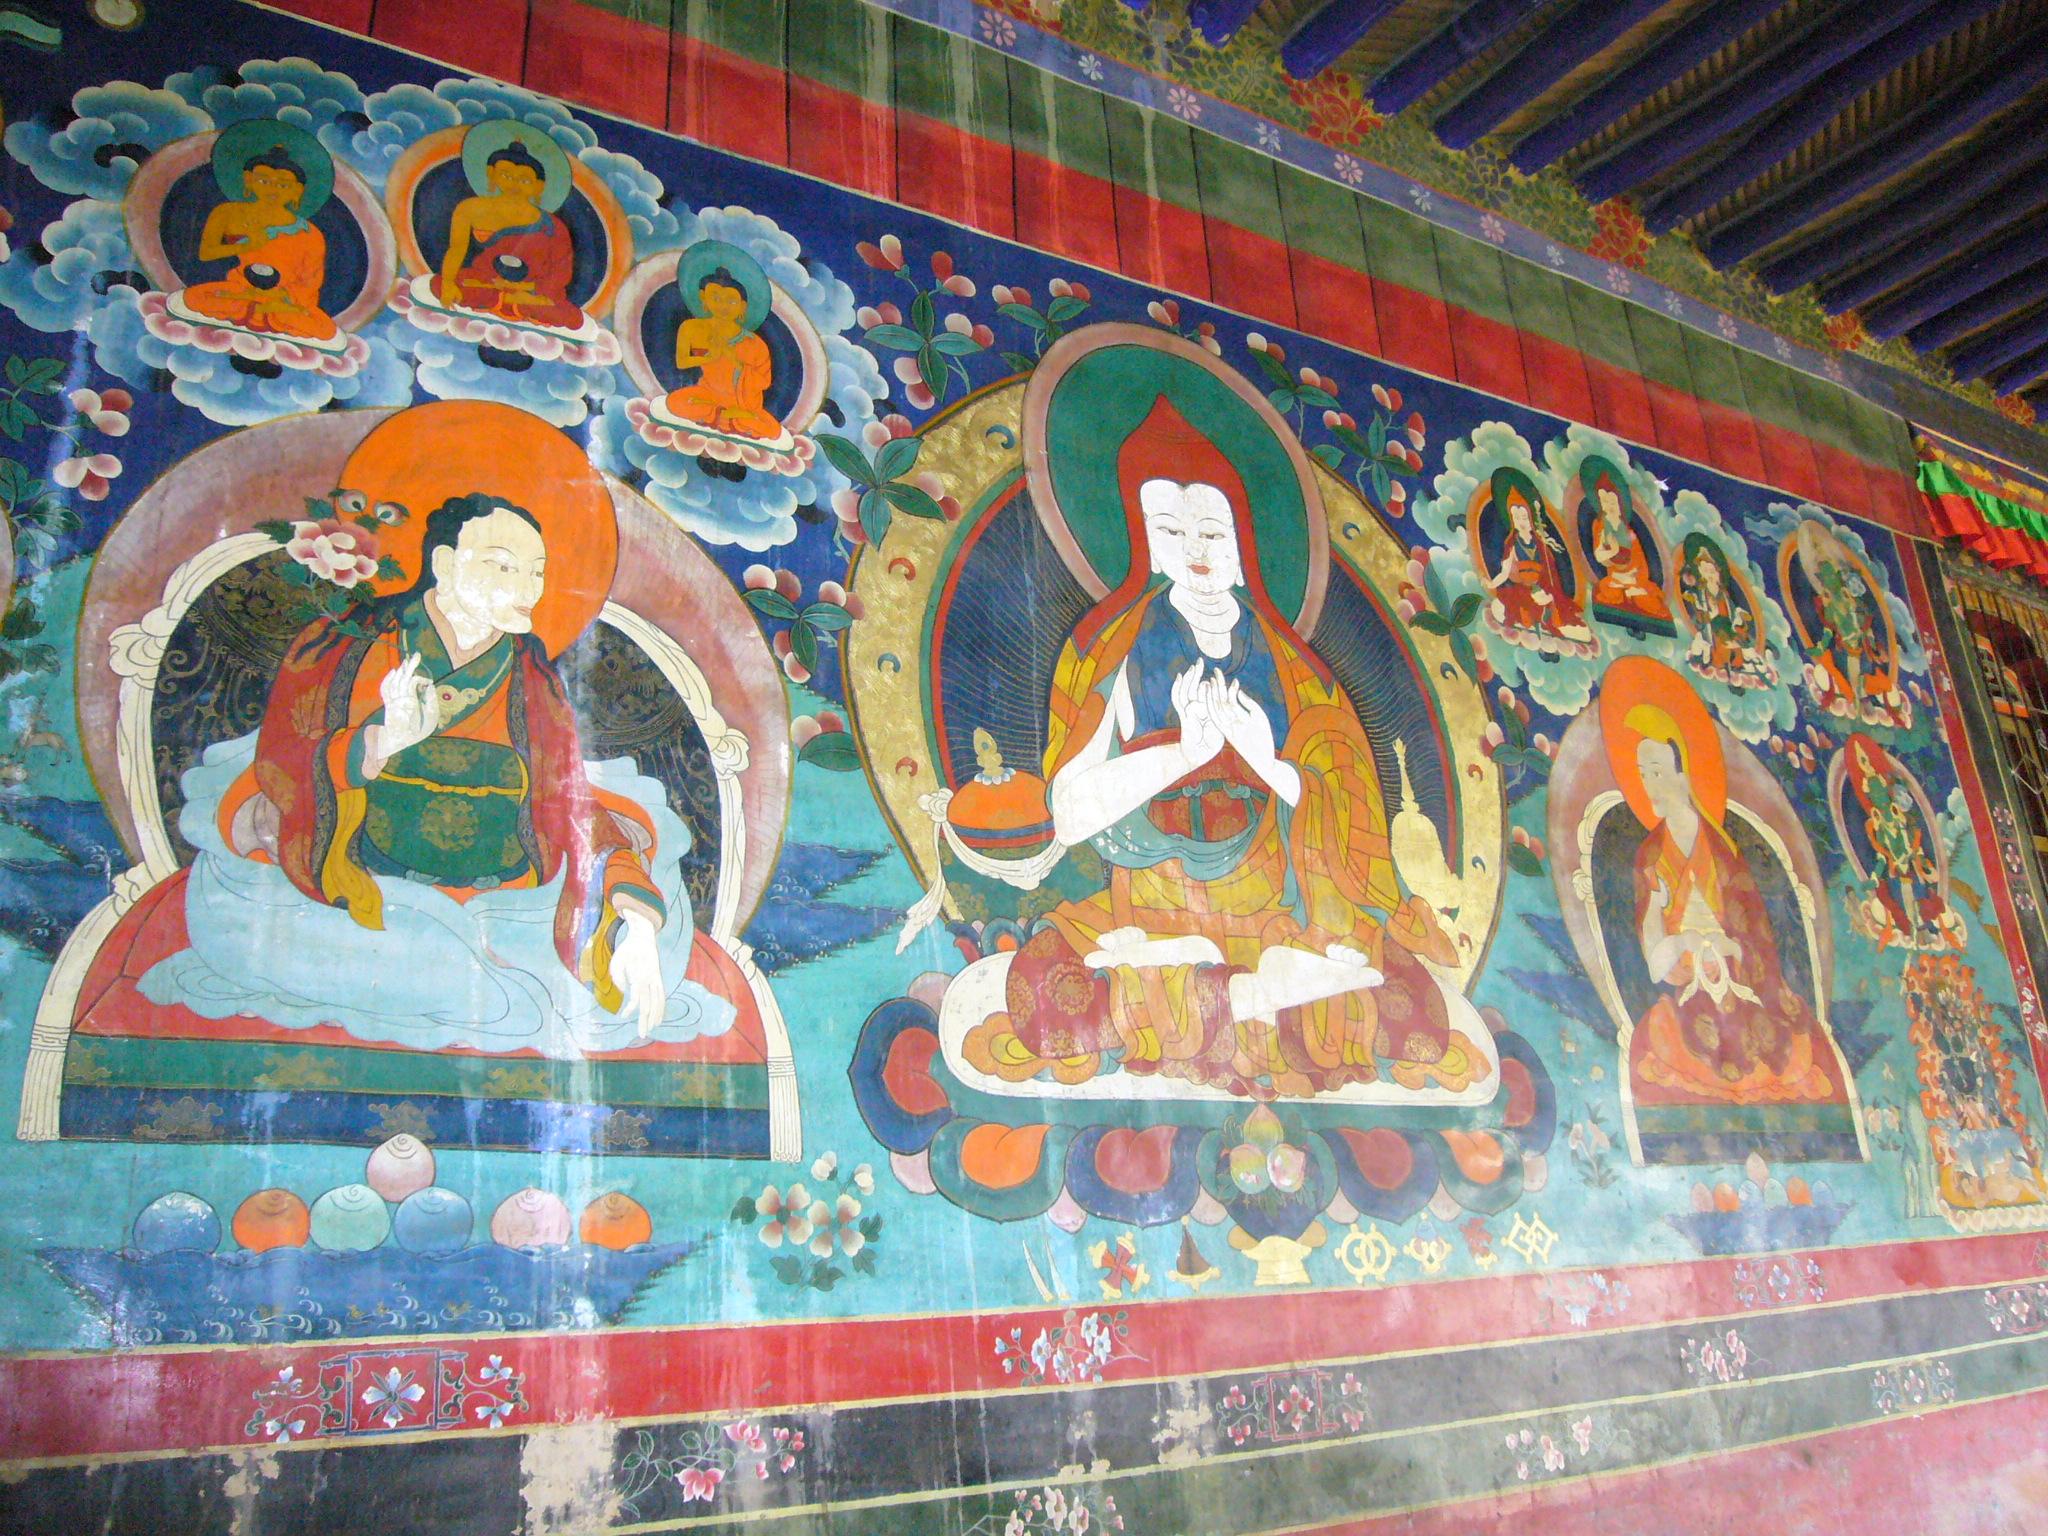 Dipinti del monastero di Nyetang Dolma Lhakhang - Shigatze (credits: Giuliana Miglierini)